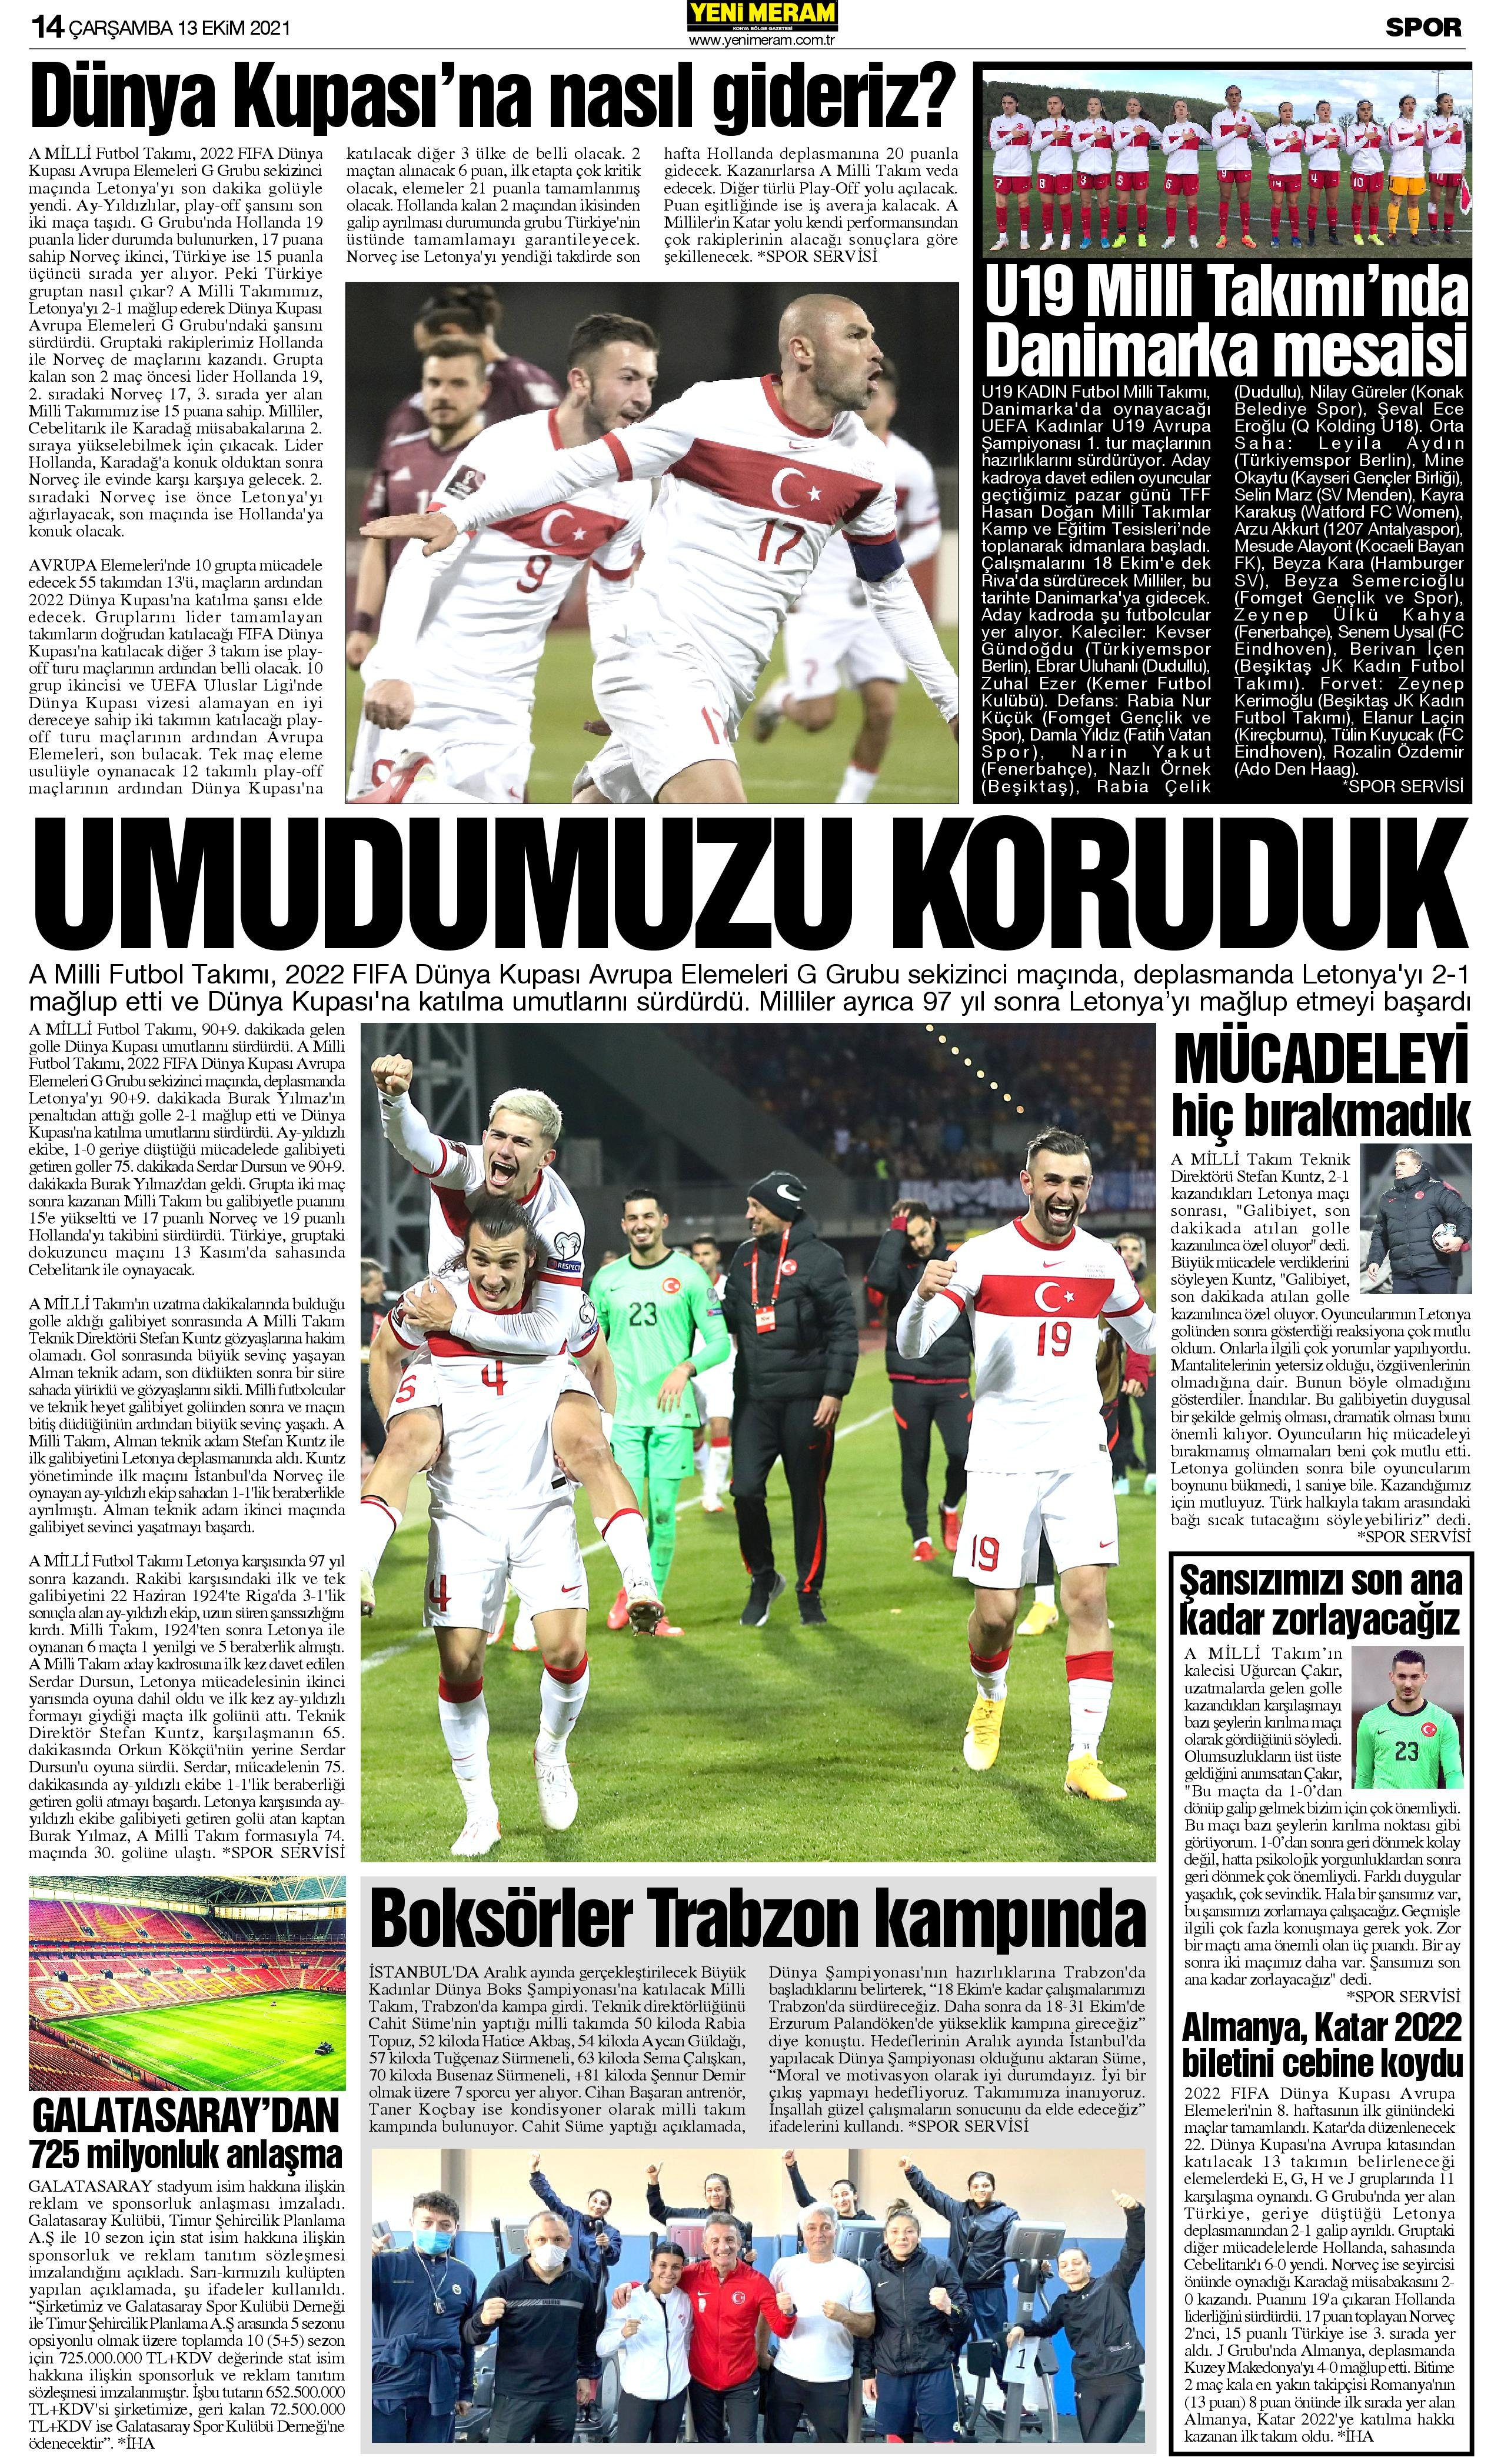 13 Ekim 2021 Yeni Meram Gazetesi